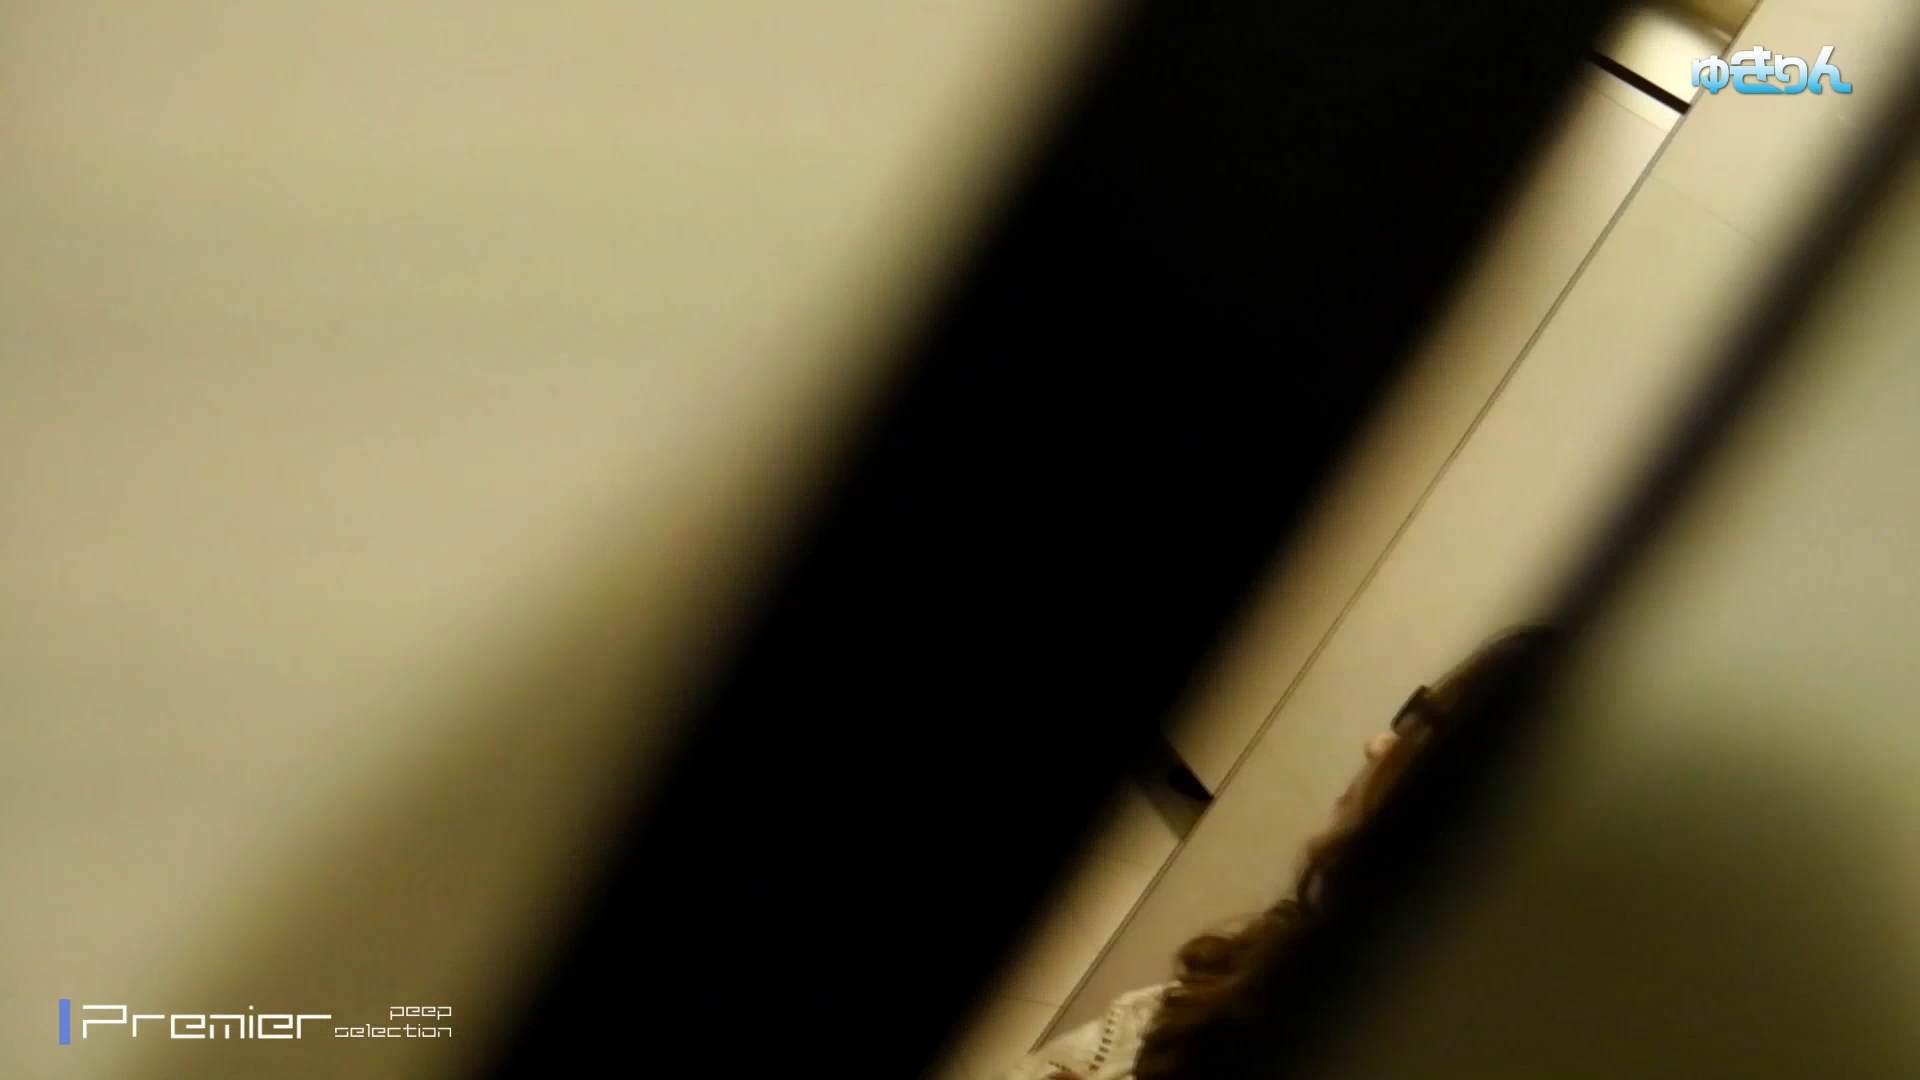 新世界の射窓 No87今回は二人エロい尻の持ち主登場 洗面所  70連発 12